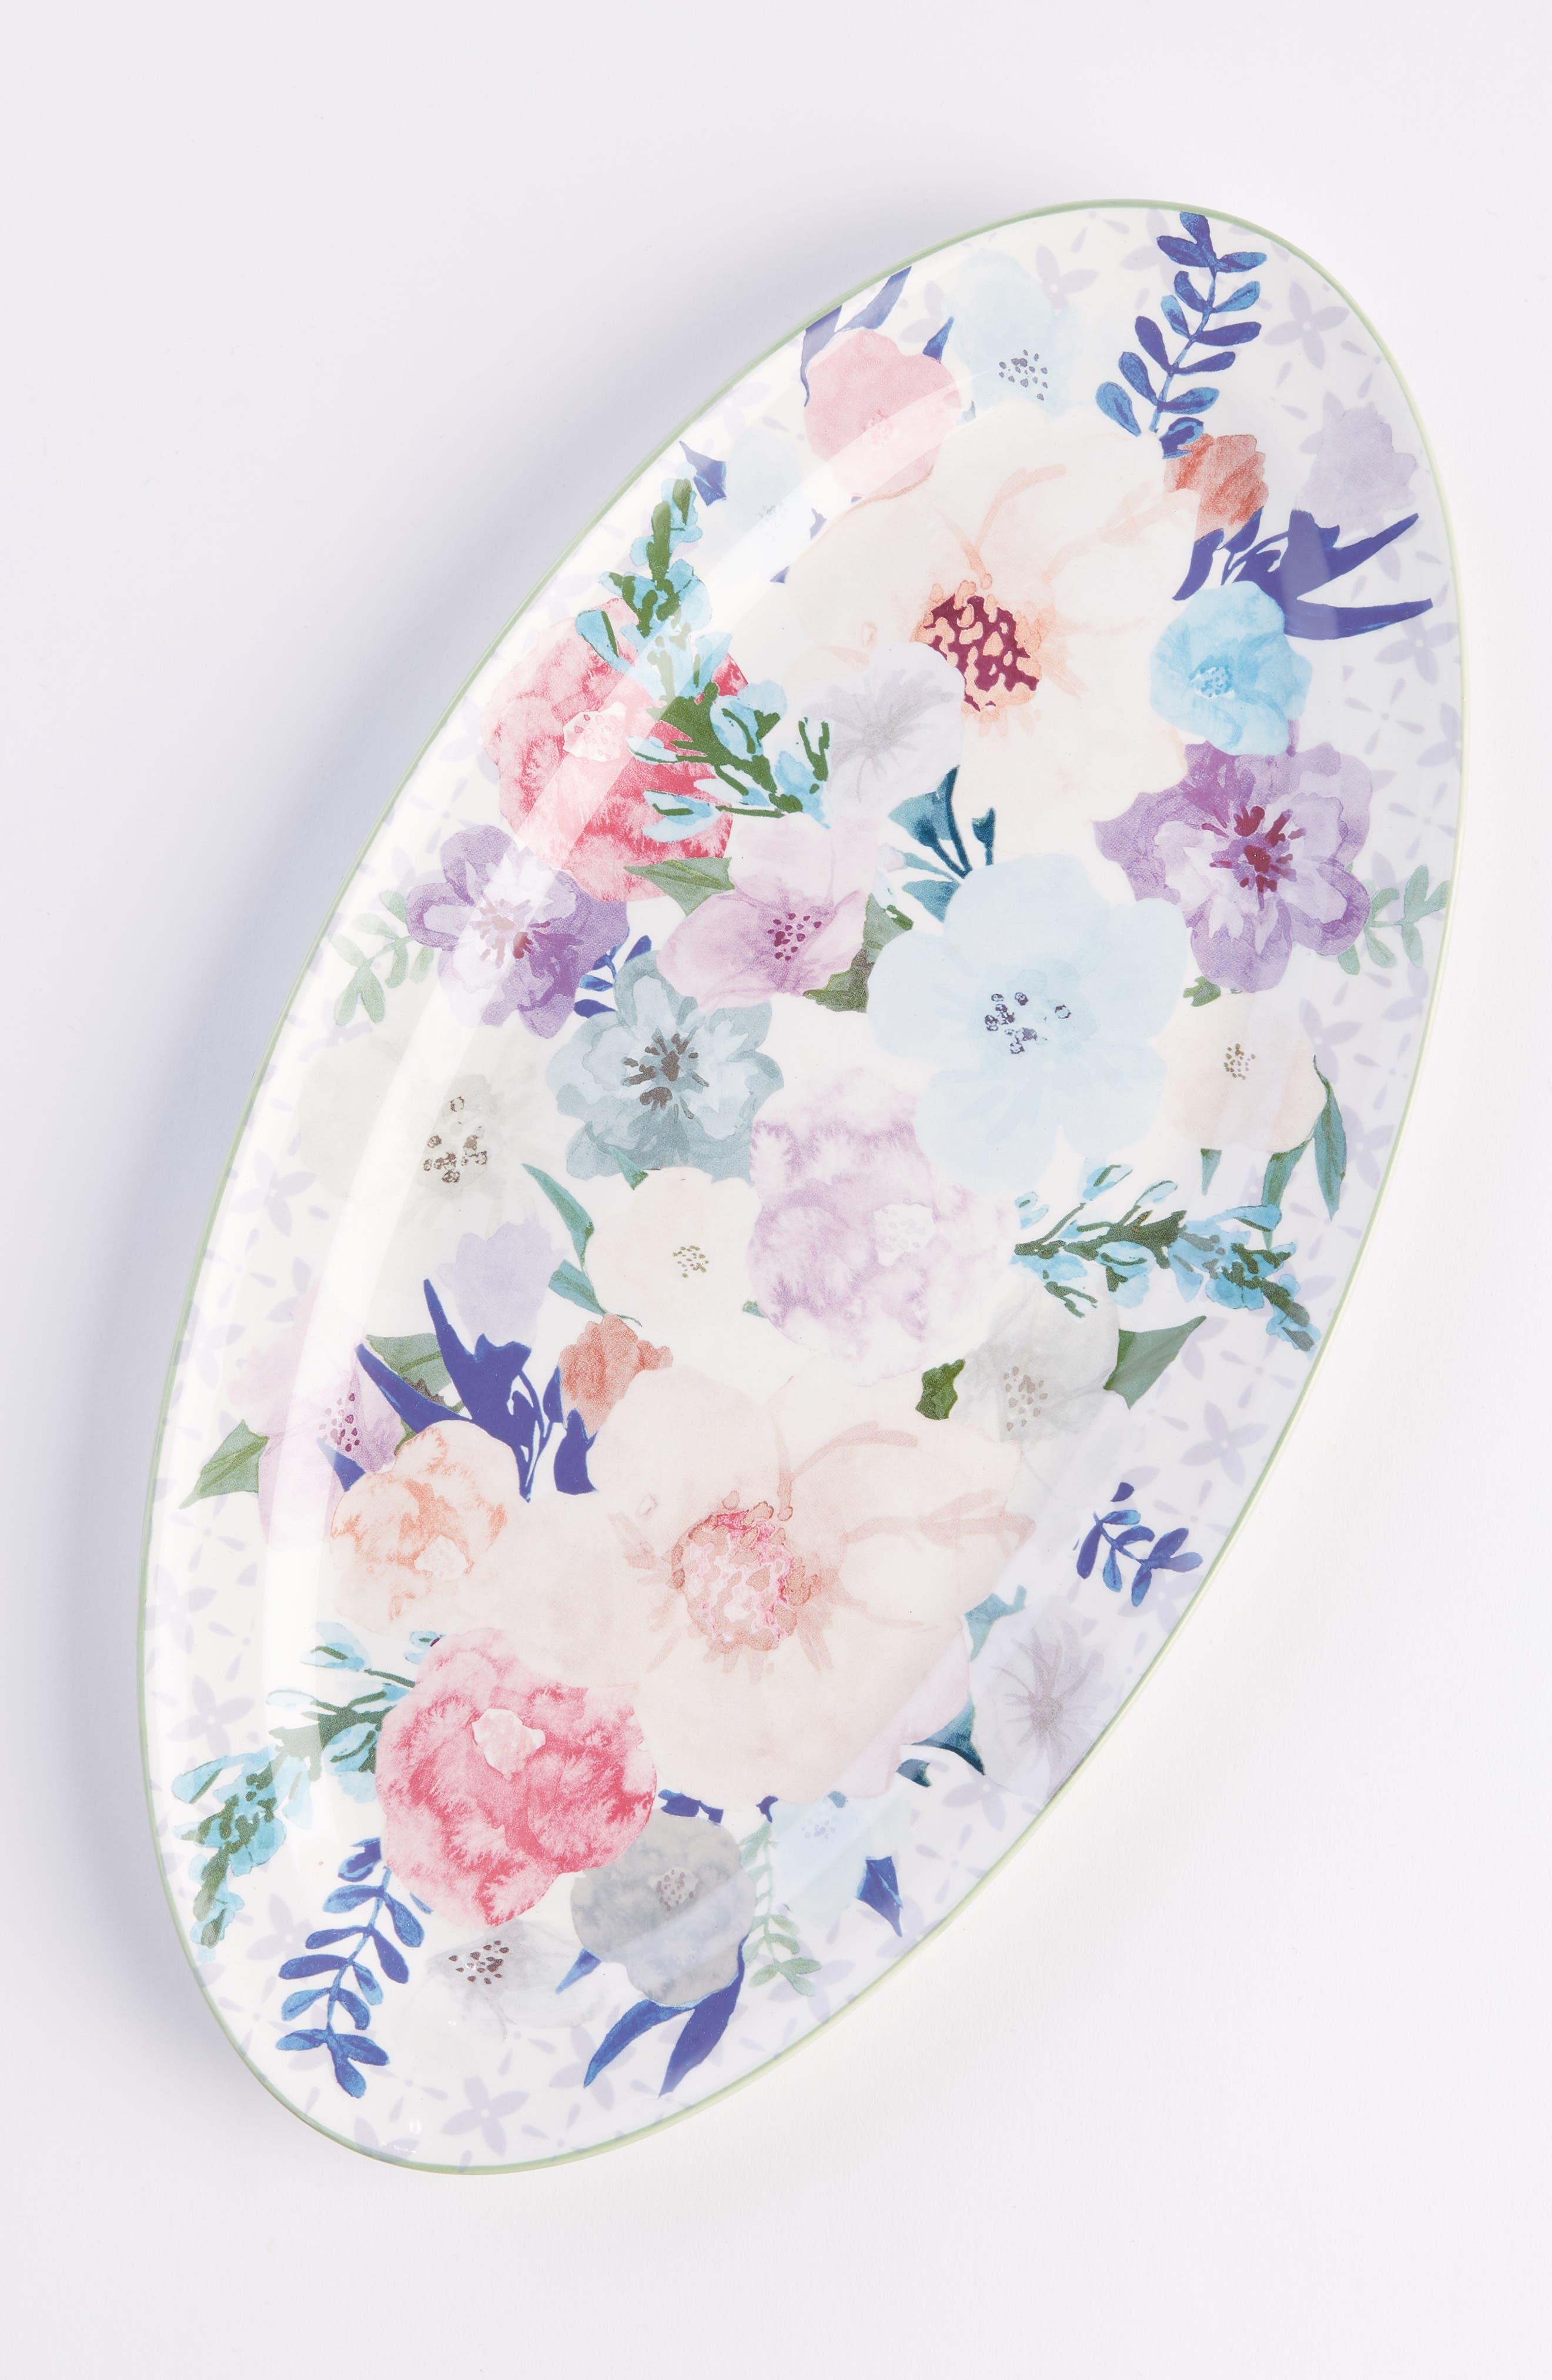 anthropologie jioletta platter, size - (nordstrom exclusive)